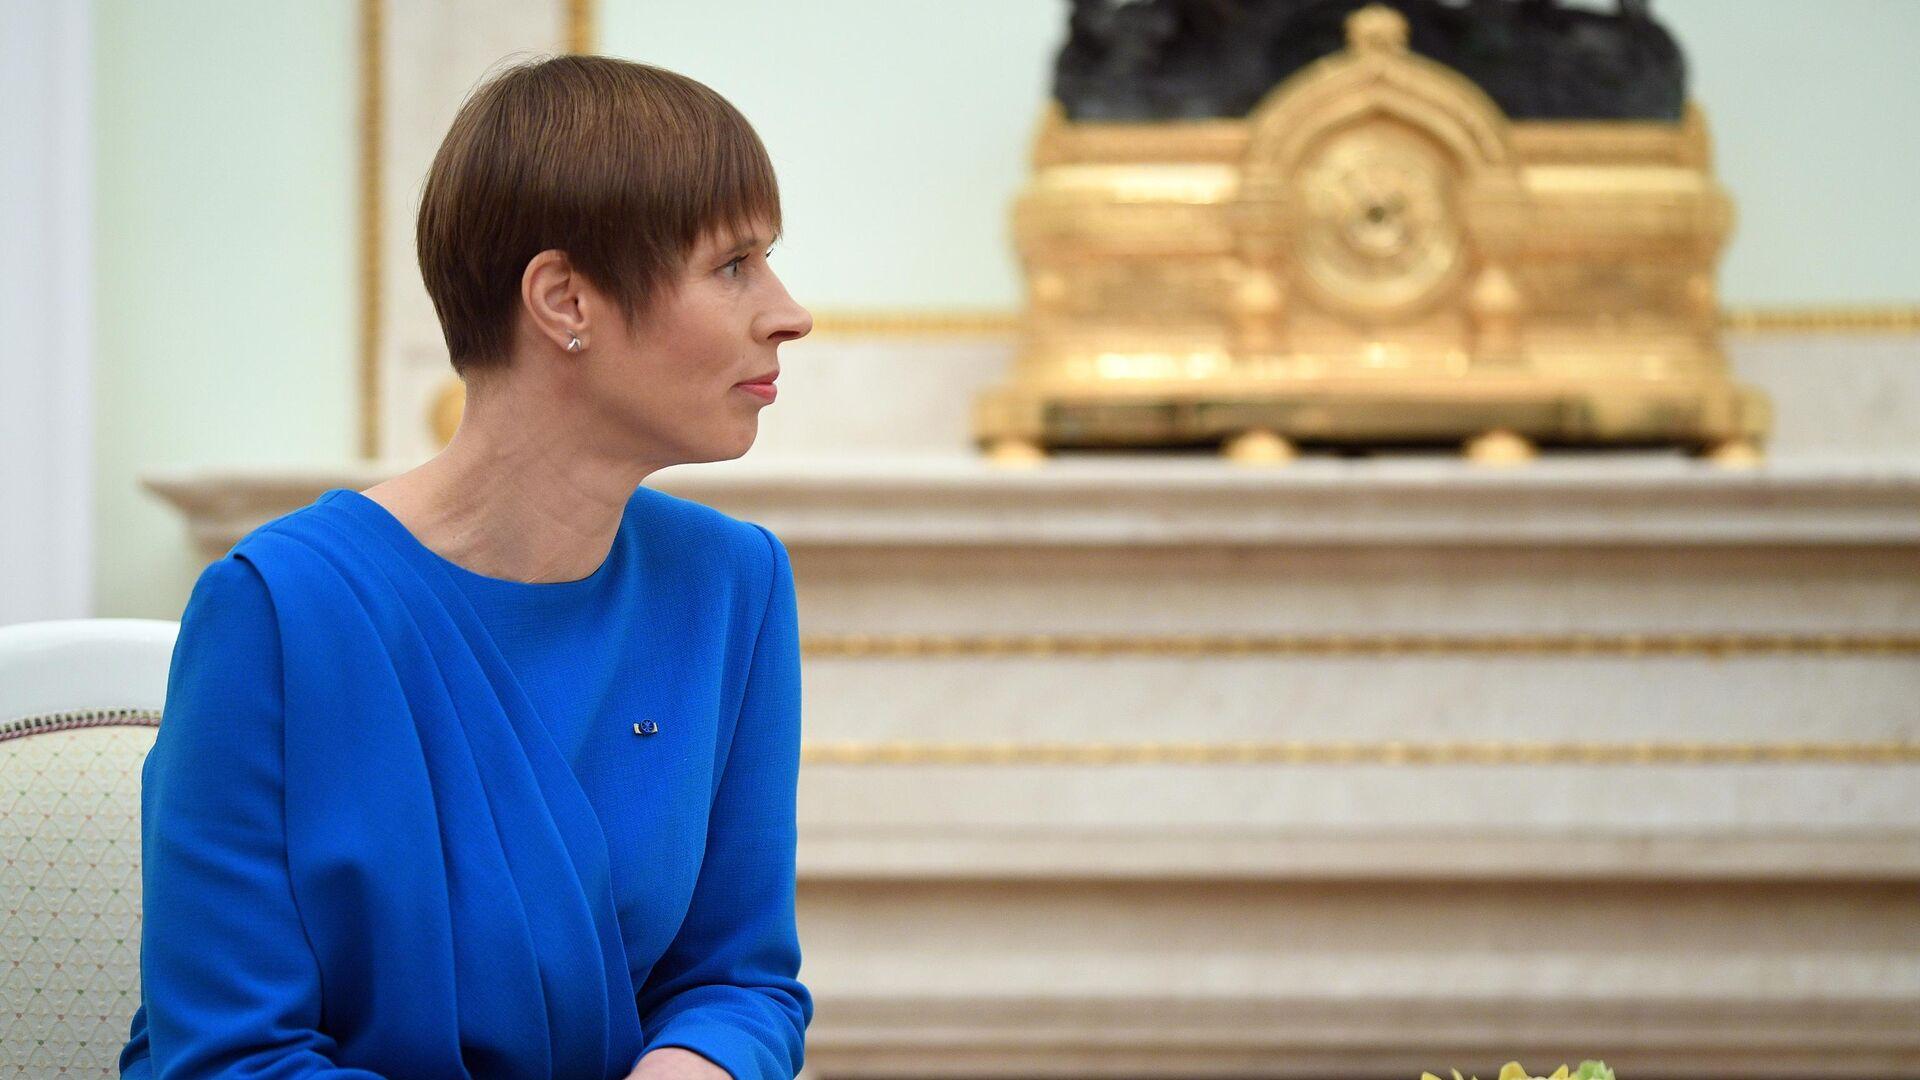 Президент Эстонии Керсти Кальюлайд во время встречи с президентом РФ Владимиром Путиным. 18 апреля 2019 - РИА Новости, 1920, 21.07.2021